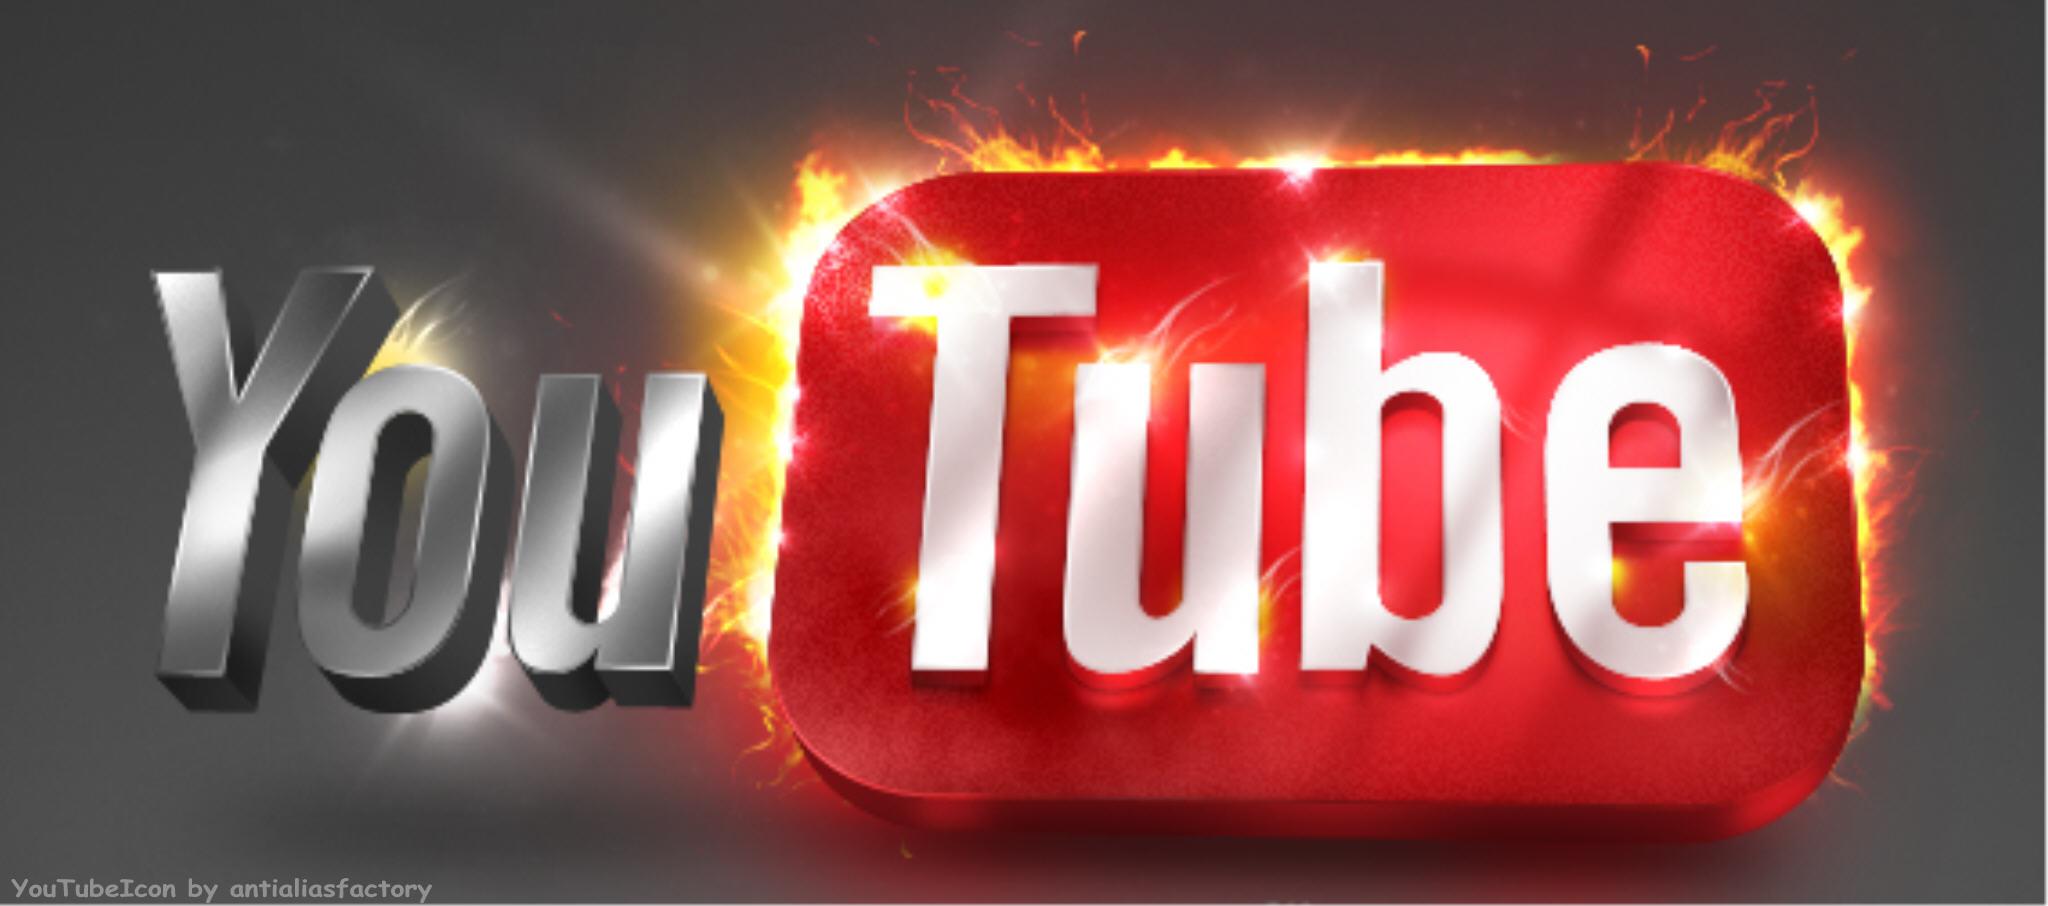 คลิปวีดีโอทดสอบเครื่องจั๊มสตาร์ทรถยนต์บน youtube